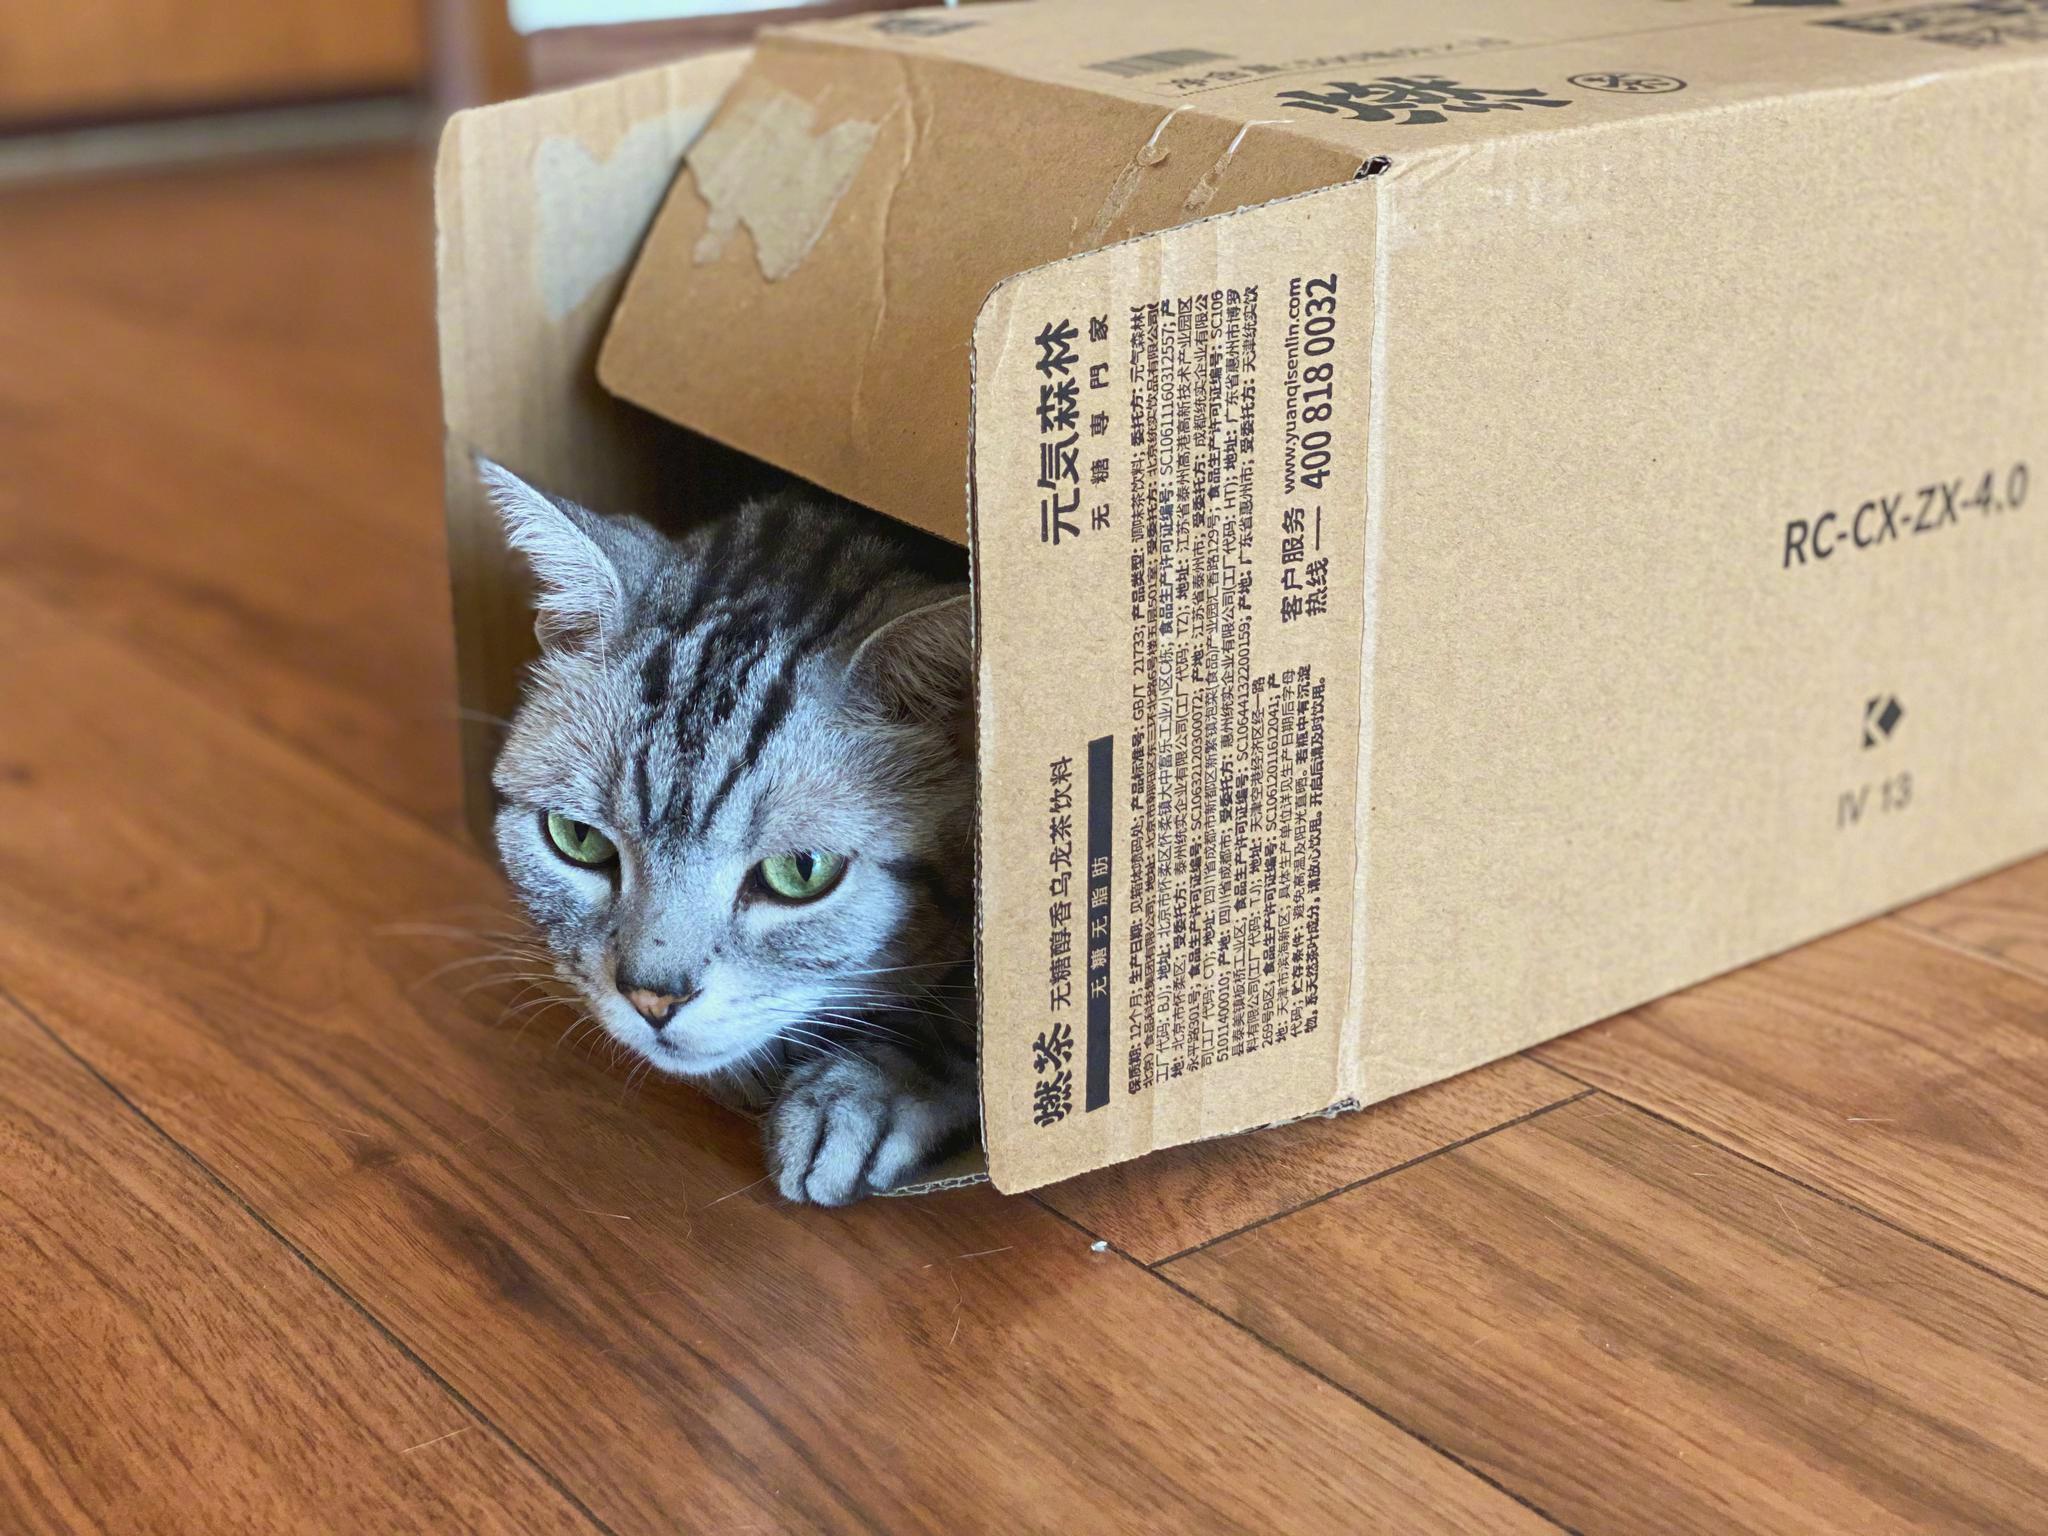 听说家里每多出一个空箱子就会长出一只猫,我试过是真的。